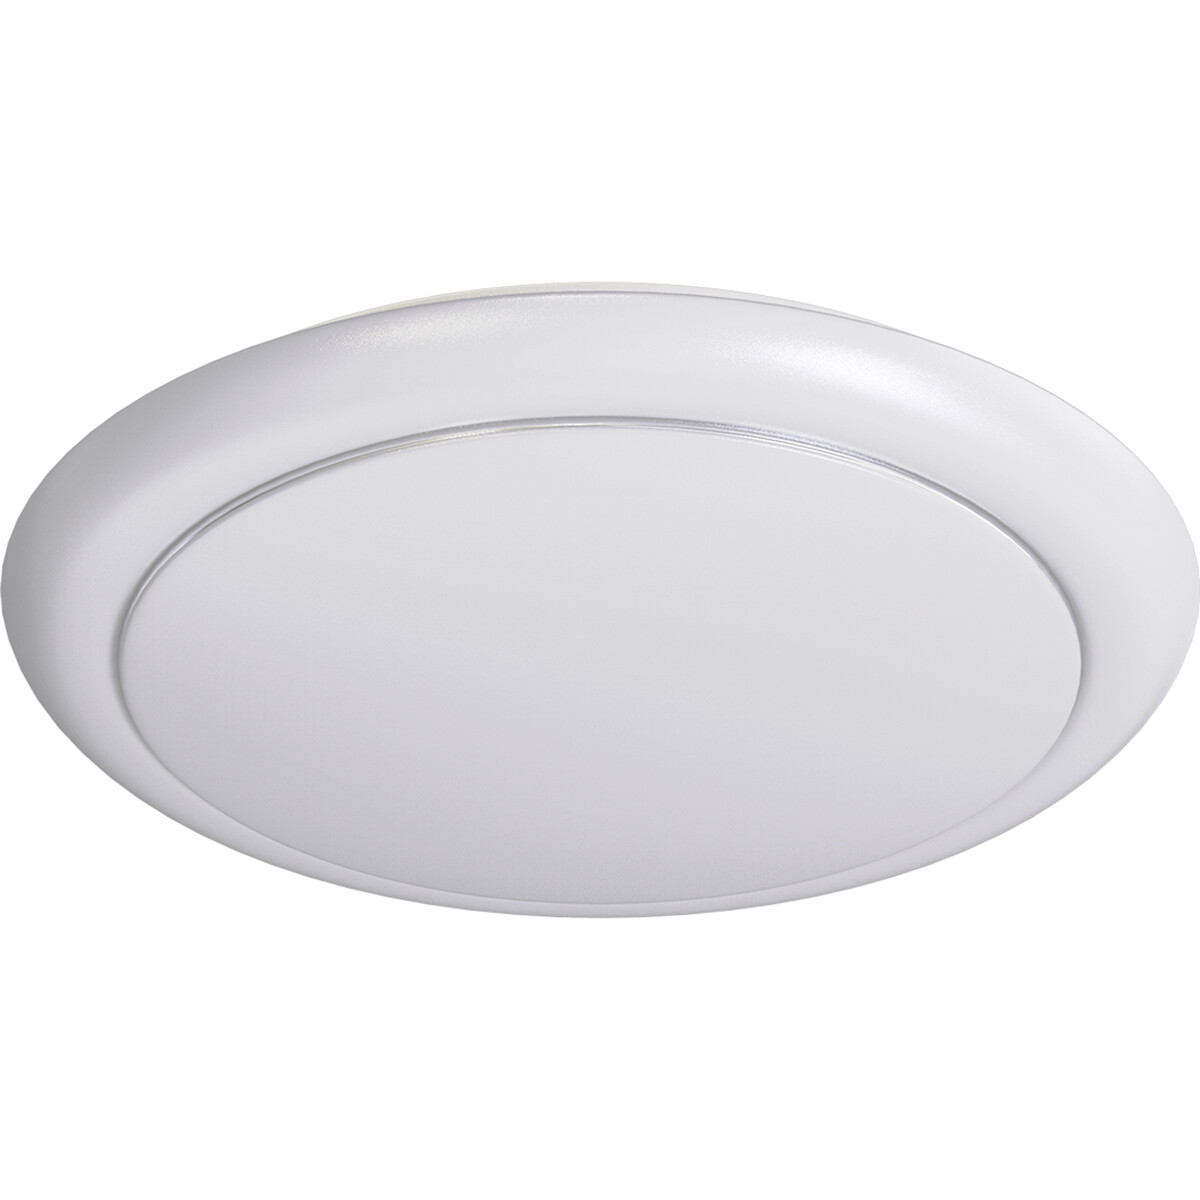 LED Plafondlamp - Aigi Ala - Opbouw Rond 20W - Natuurlijk Wit 4000K - Mat Wit - Aluminium